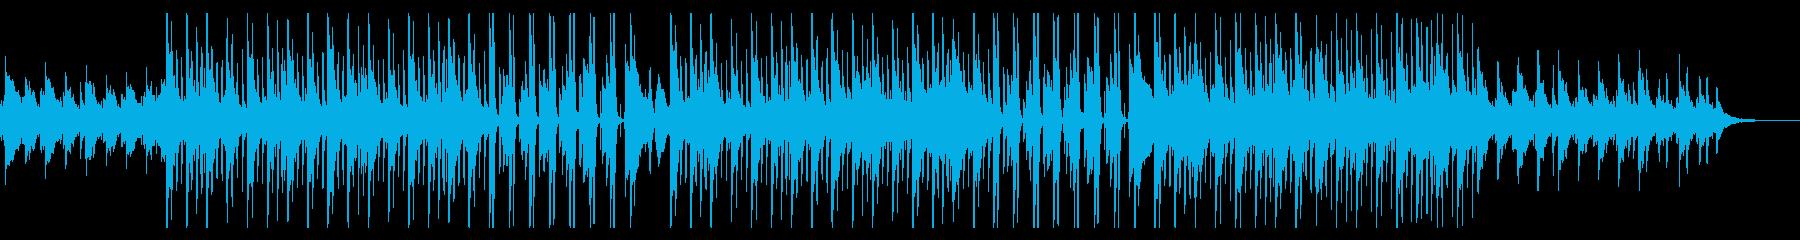 オープニングに!ピアノ中心の4つ打ち曲の再生済みの波形